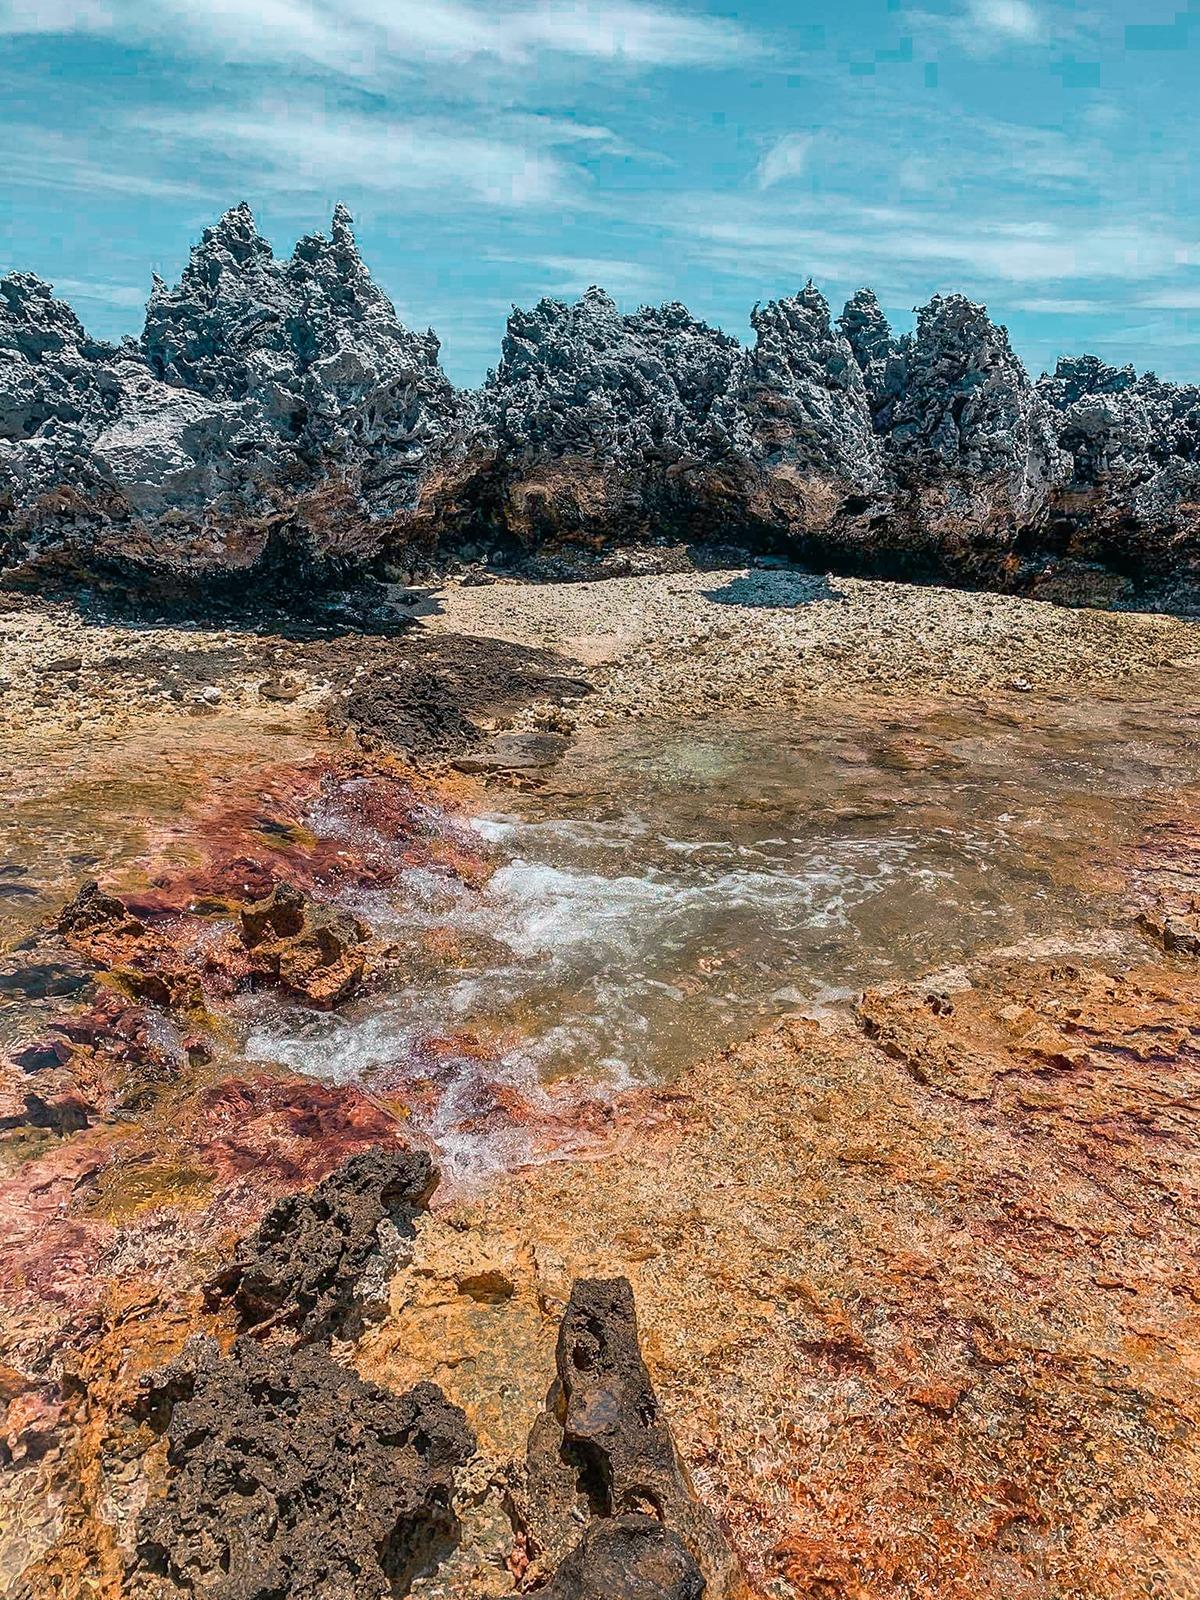 tuamotu atoll